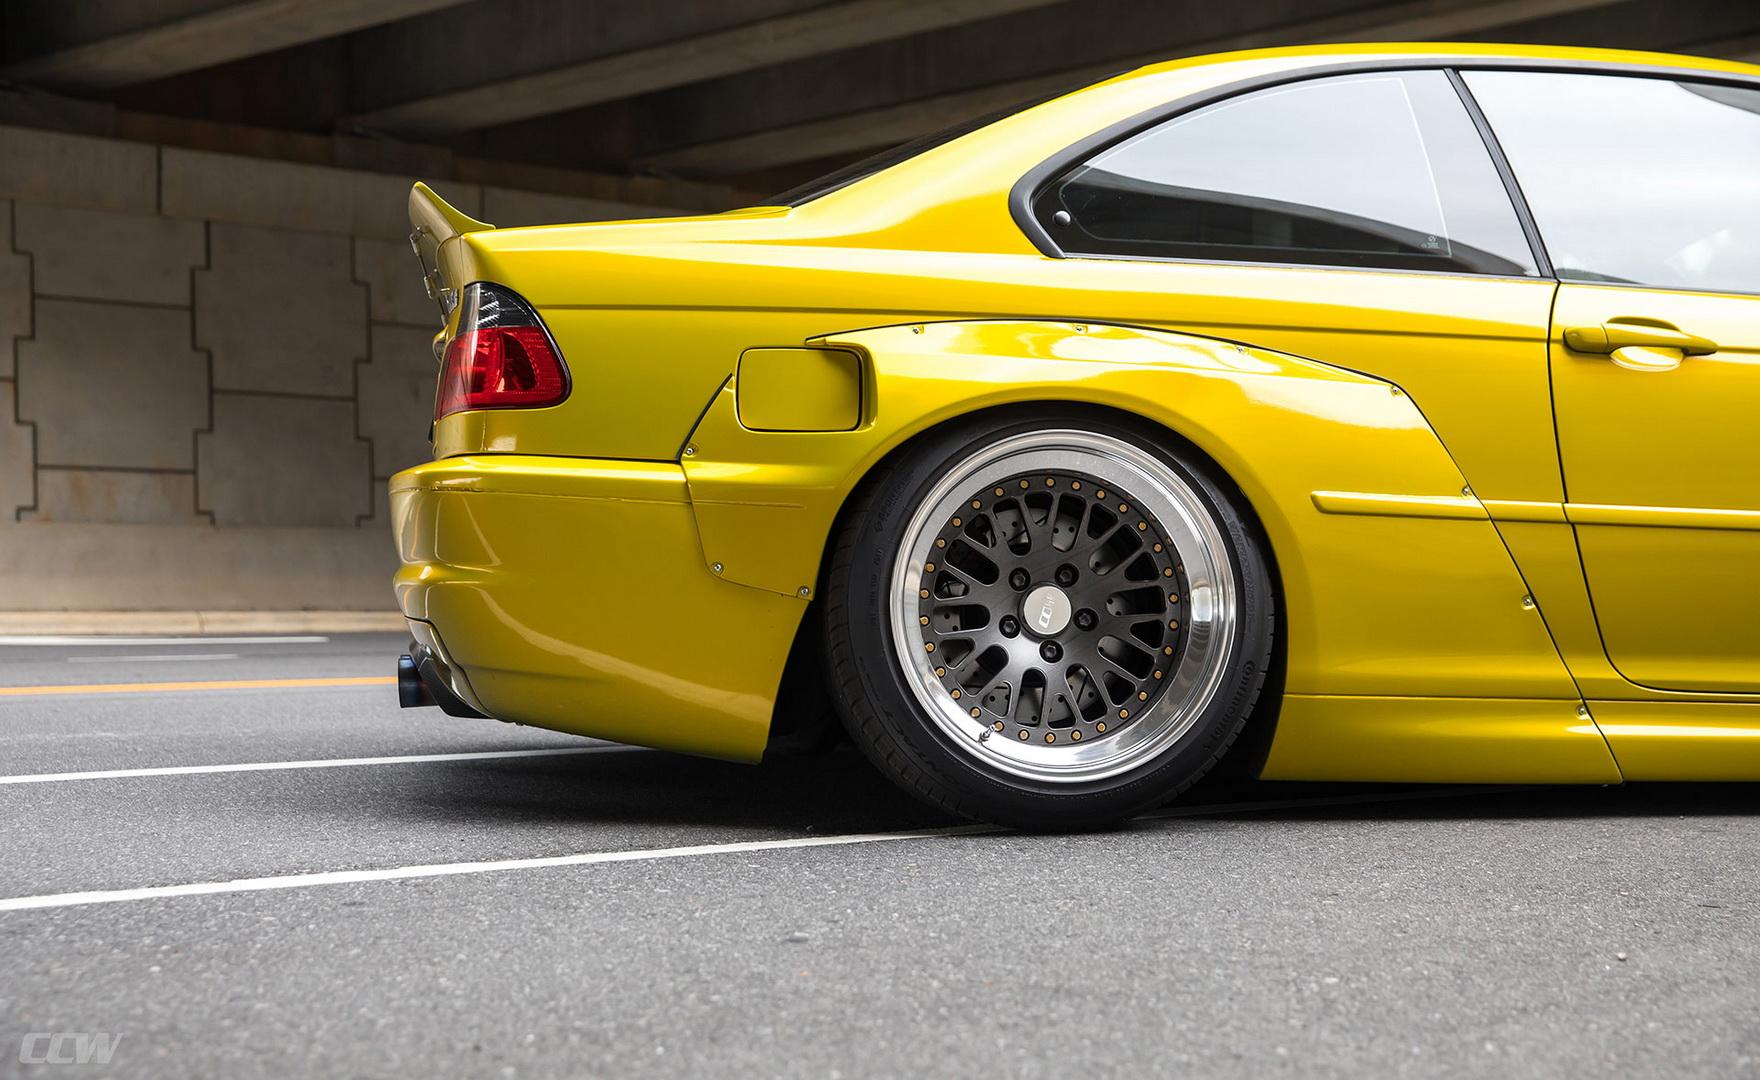 BMW M3 E46 byCCW (26)